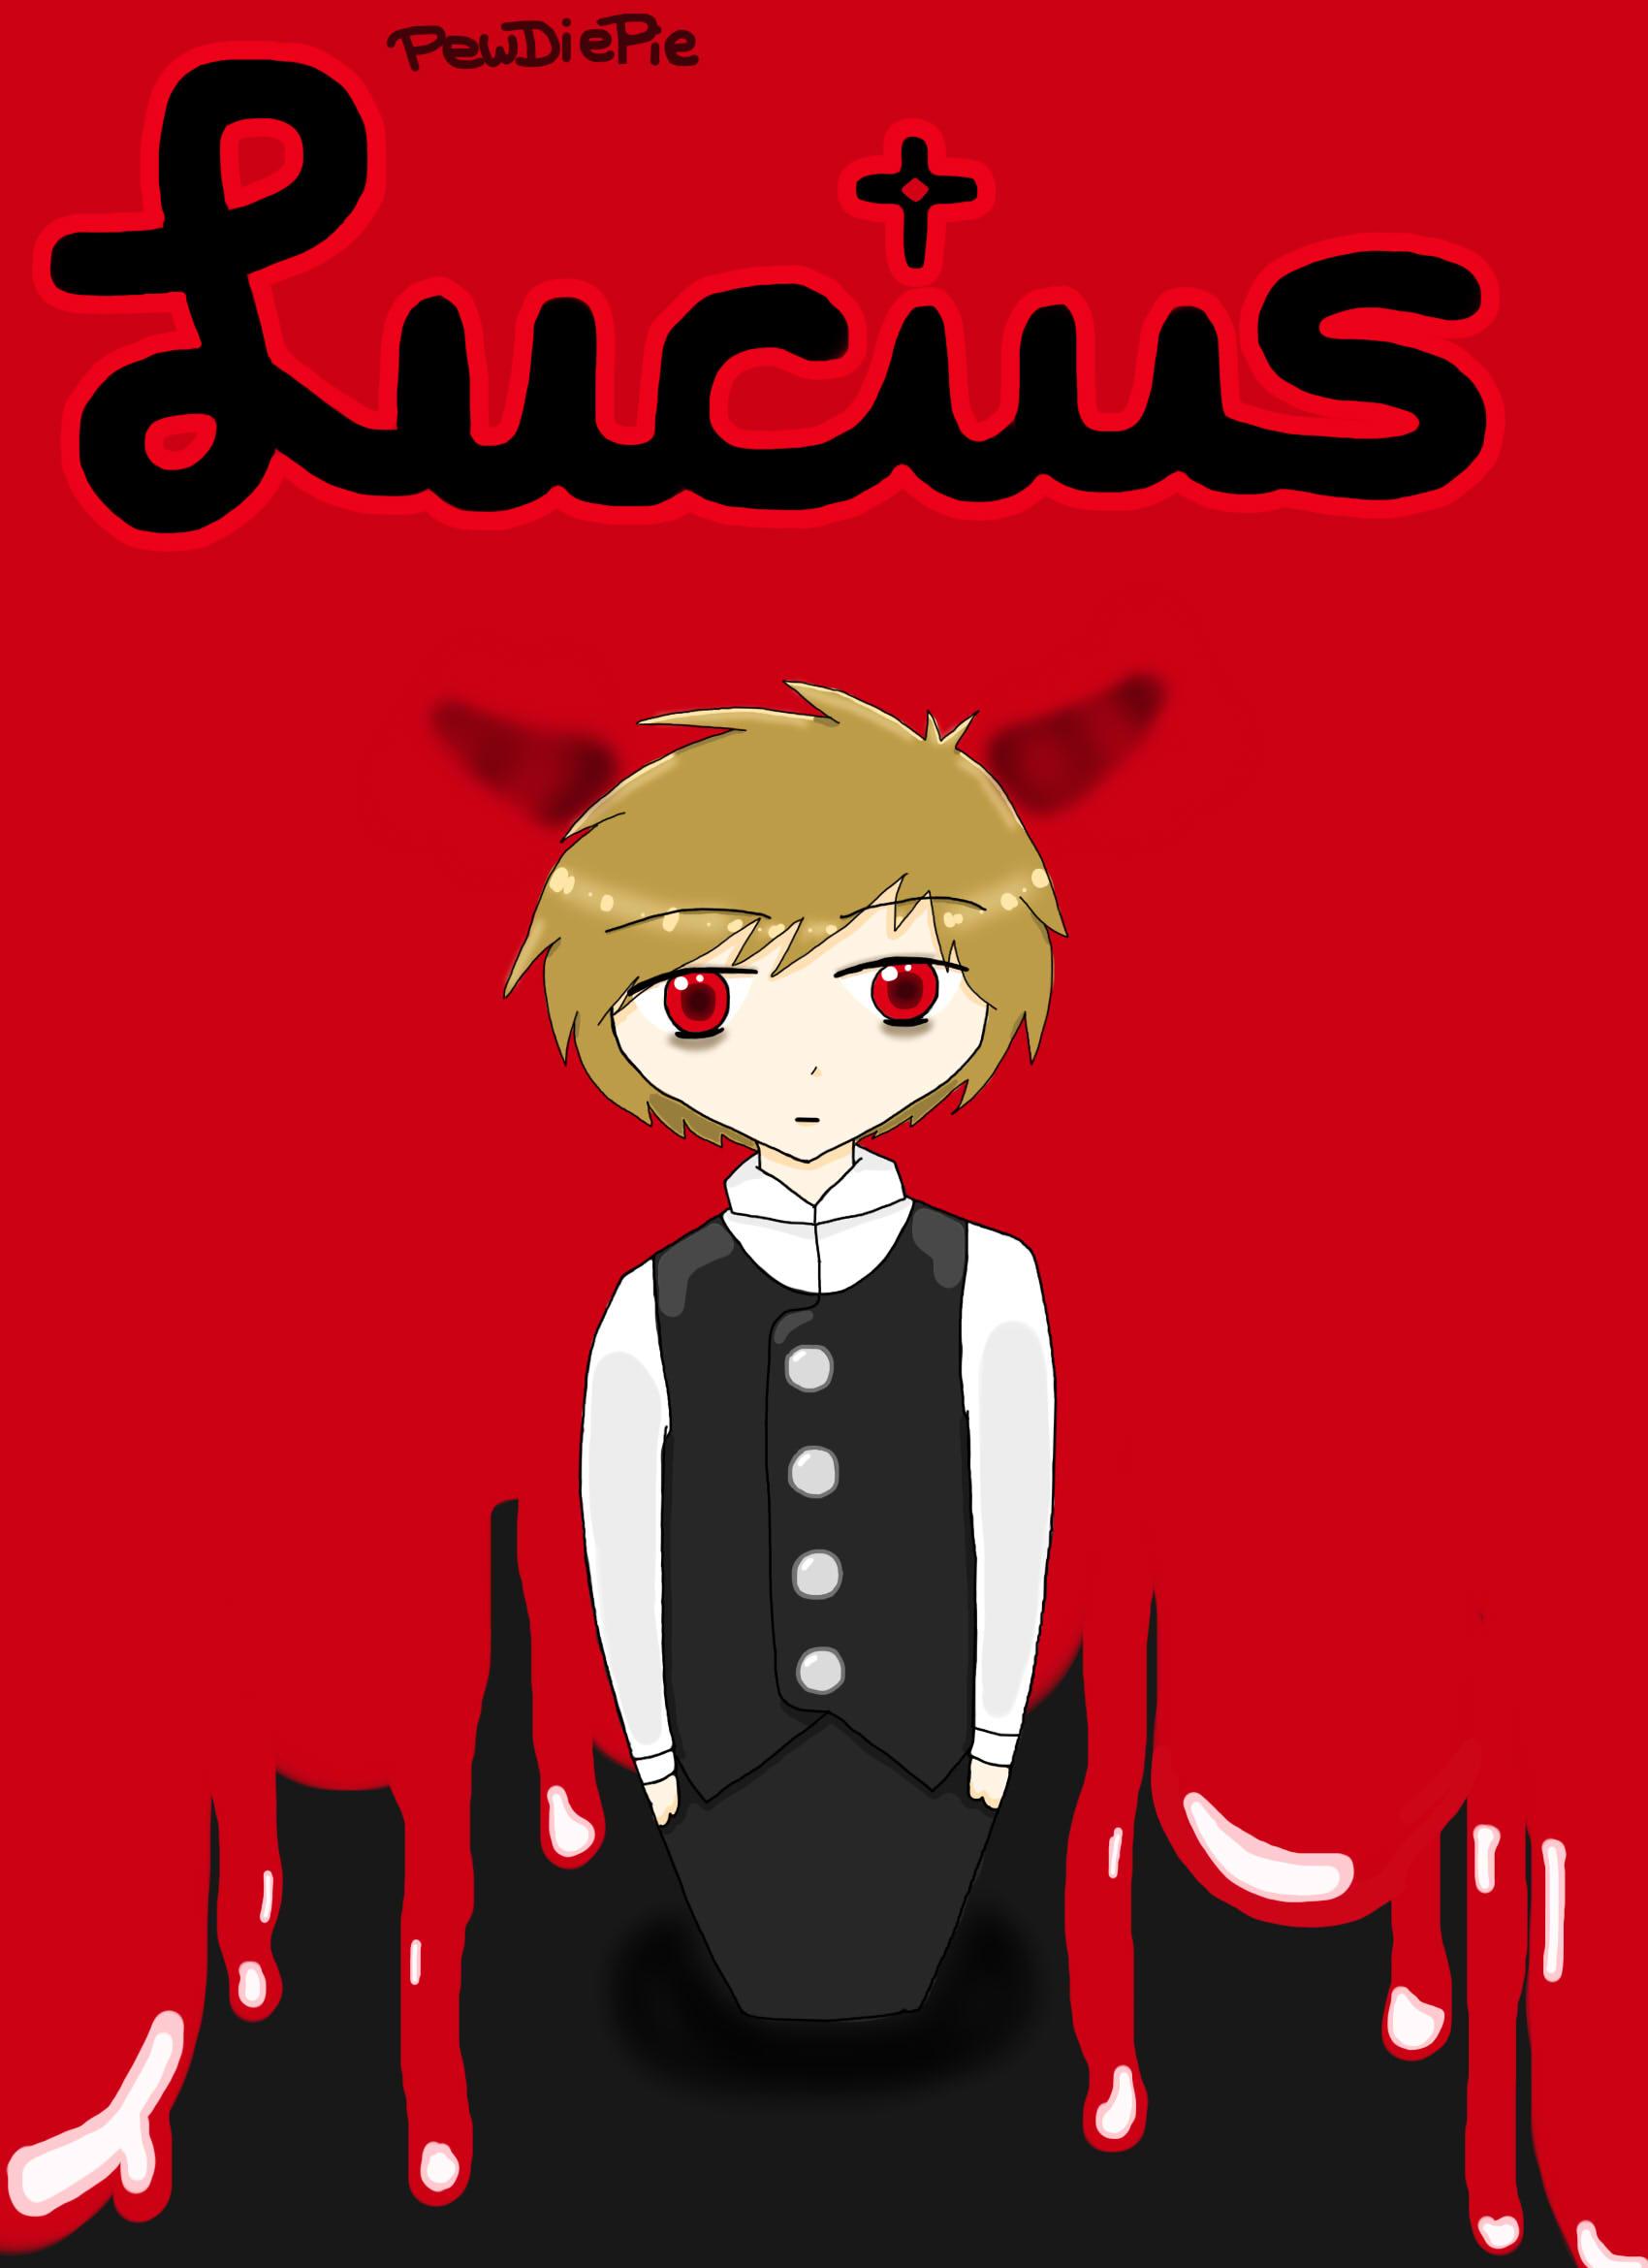 PewDiePie - Lucius - Blood Curtain by LariCat